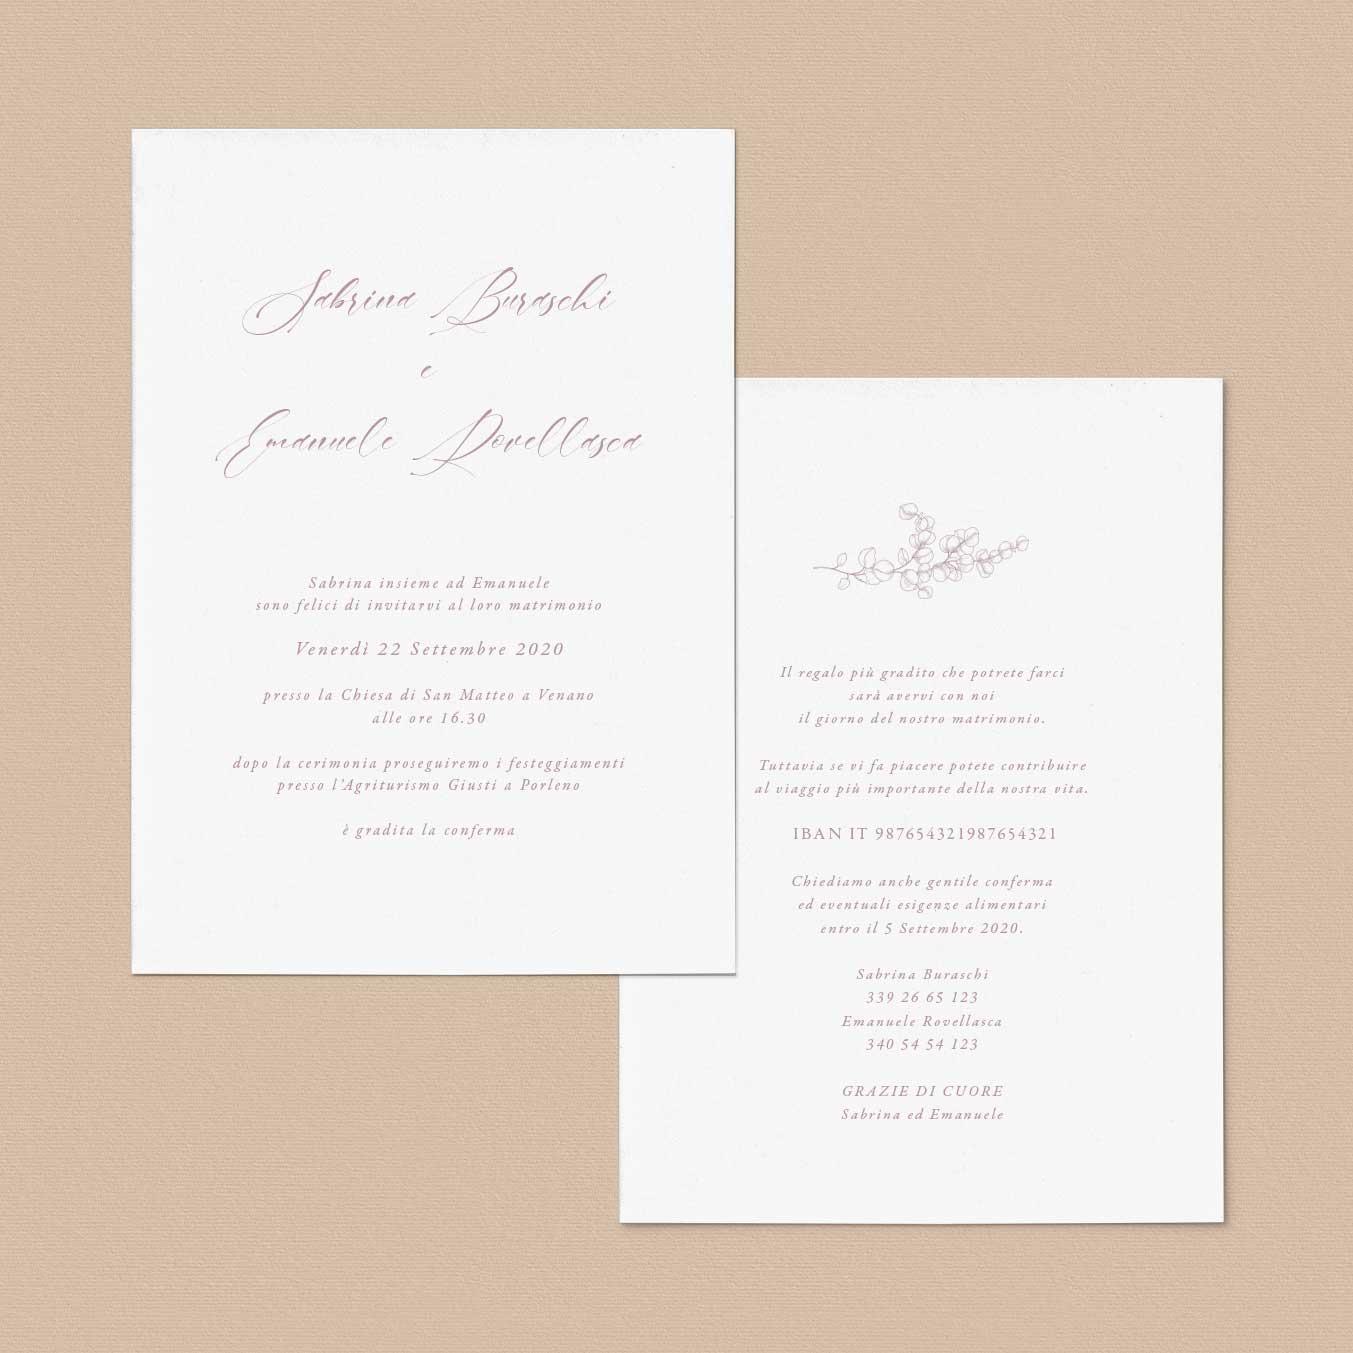 Iniviti-partecipazioni-Vintage-matrimonio-calligrafia-natural-natura-corsivo-elegante-fiori-fiore-flower